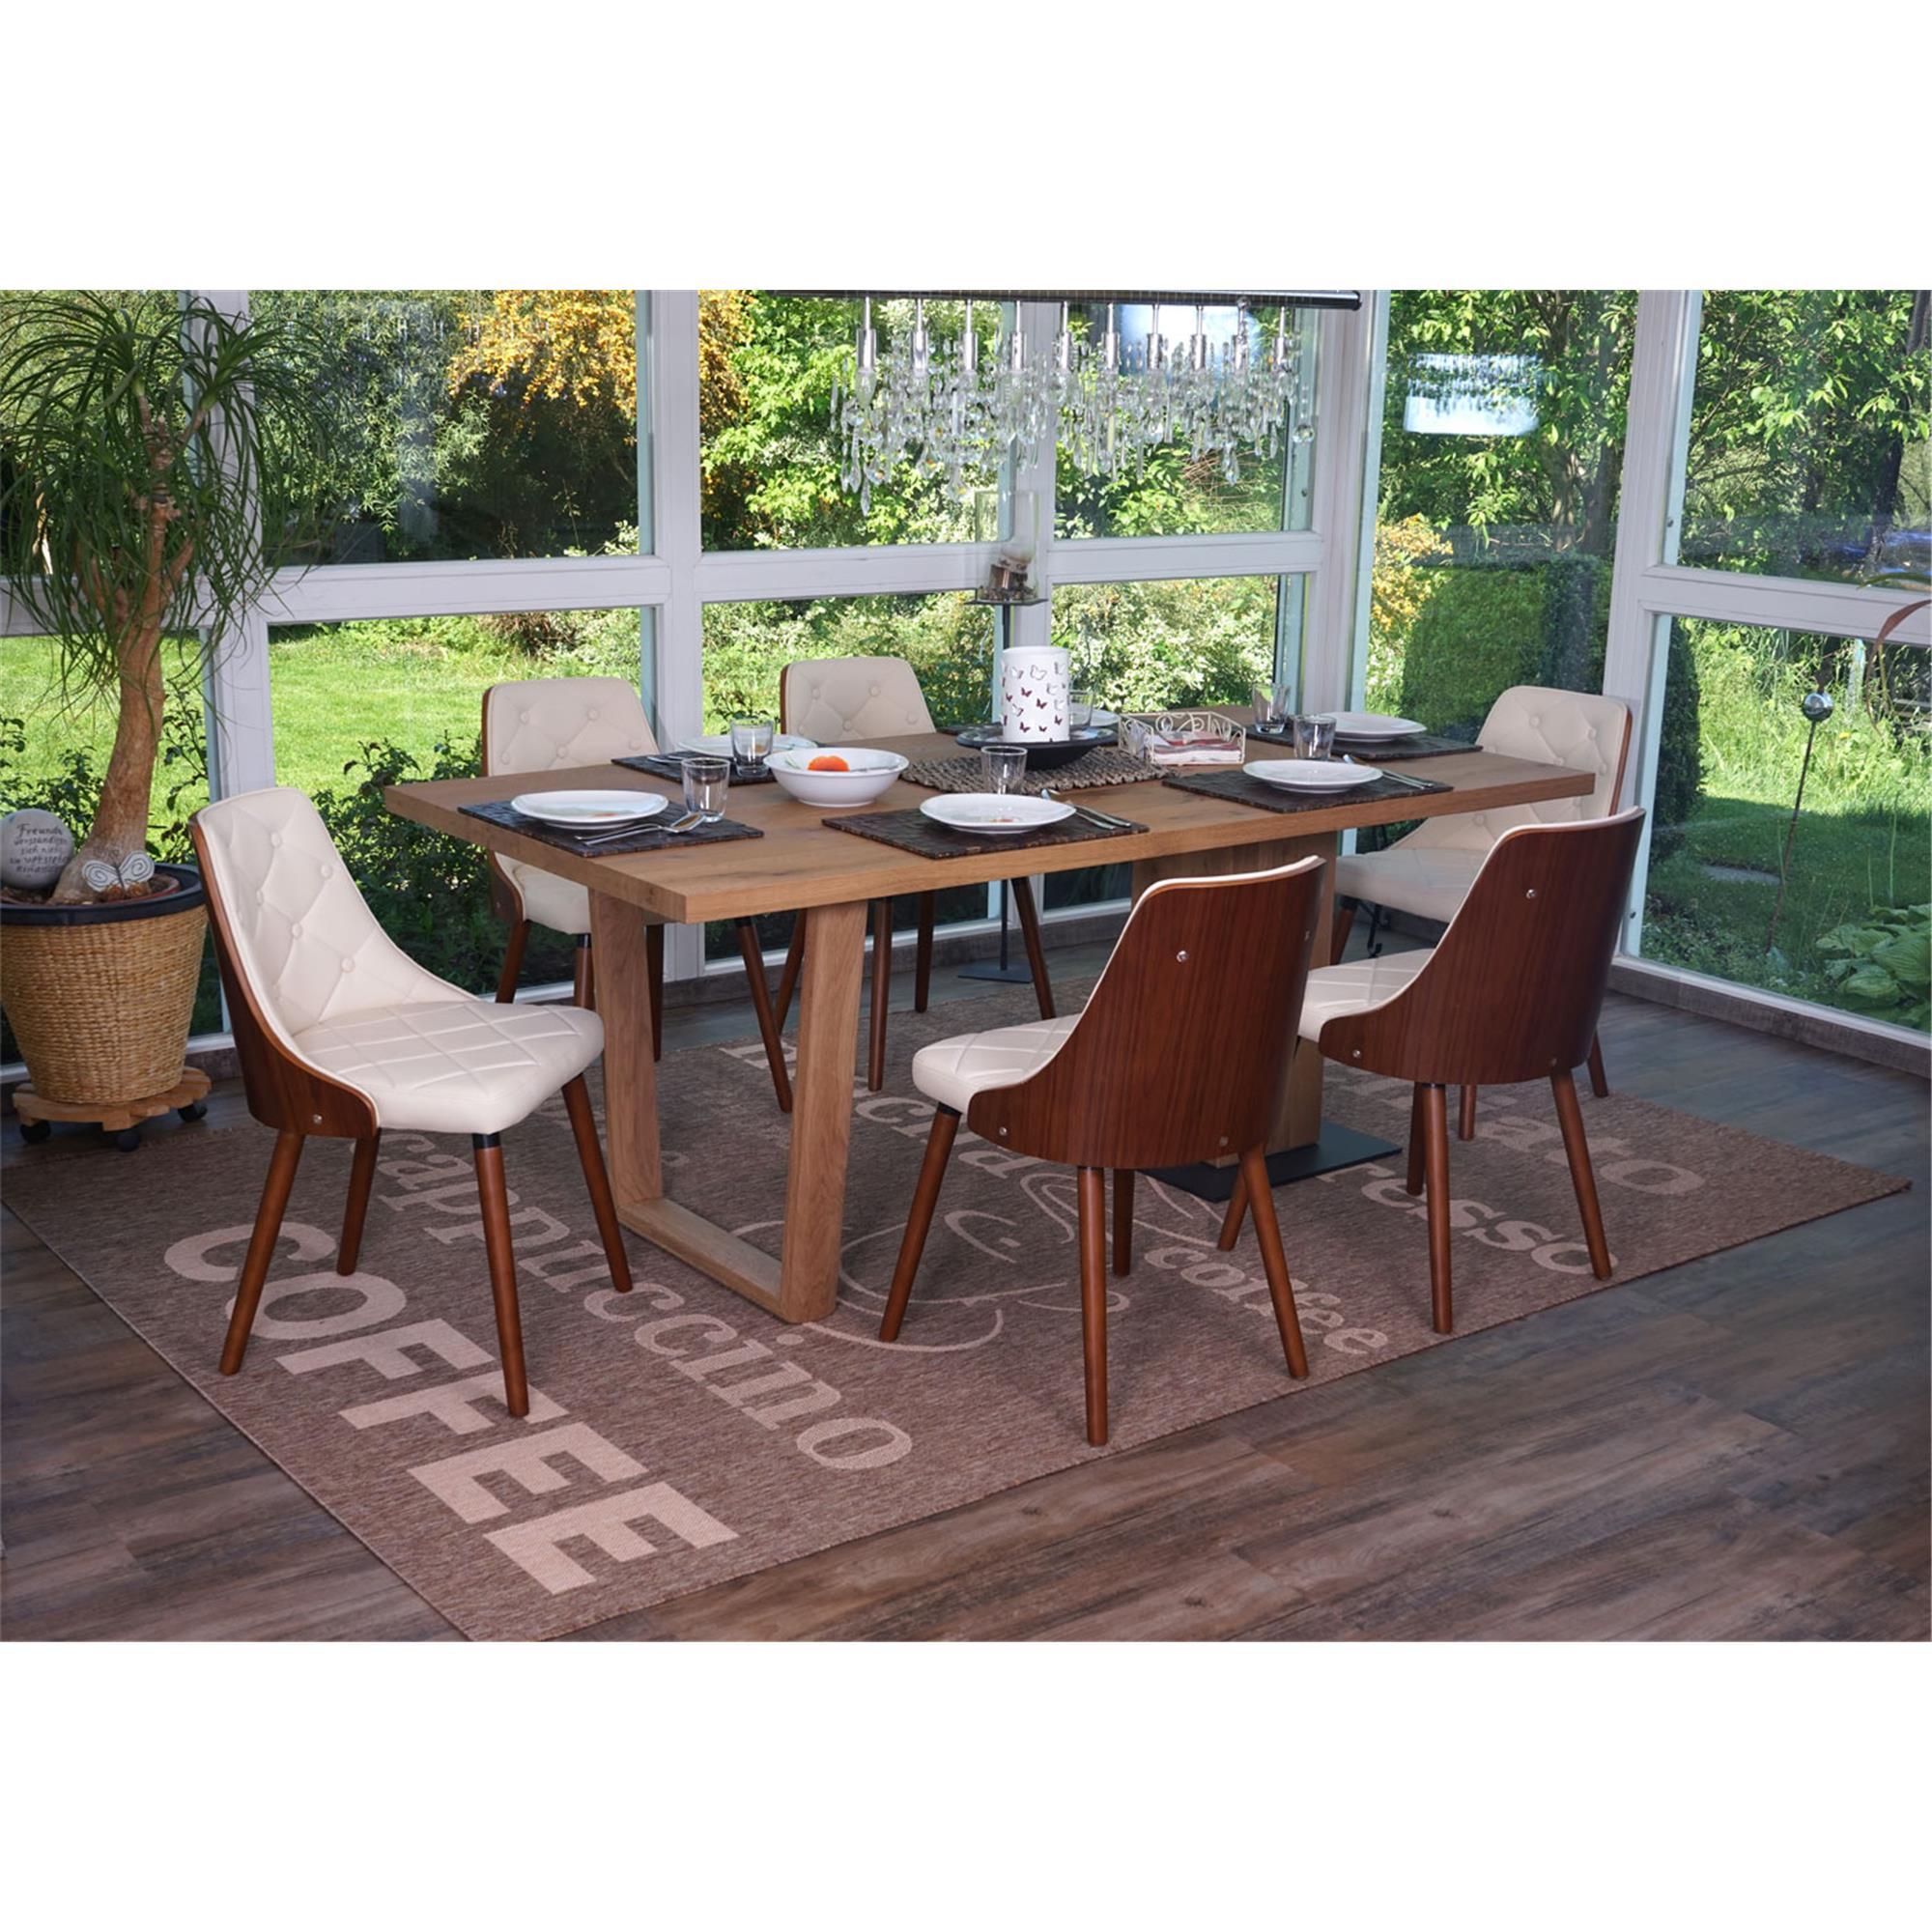 Lote 6 sillas de comedor baley en piel crema conjunto 6 sillas de comedor baley en piel - Sillas comedor piel ...